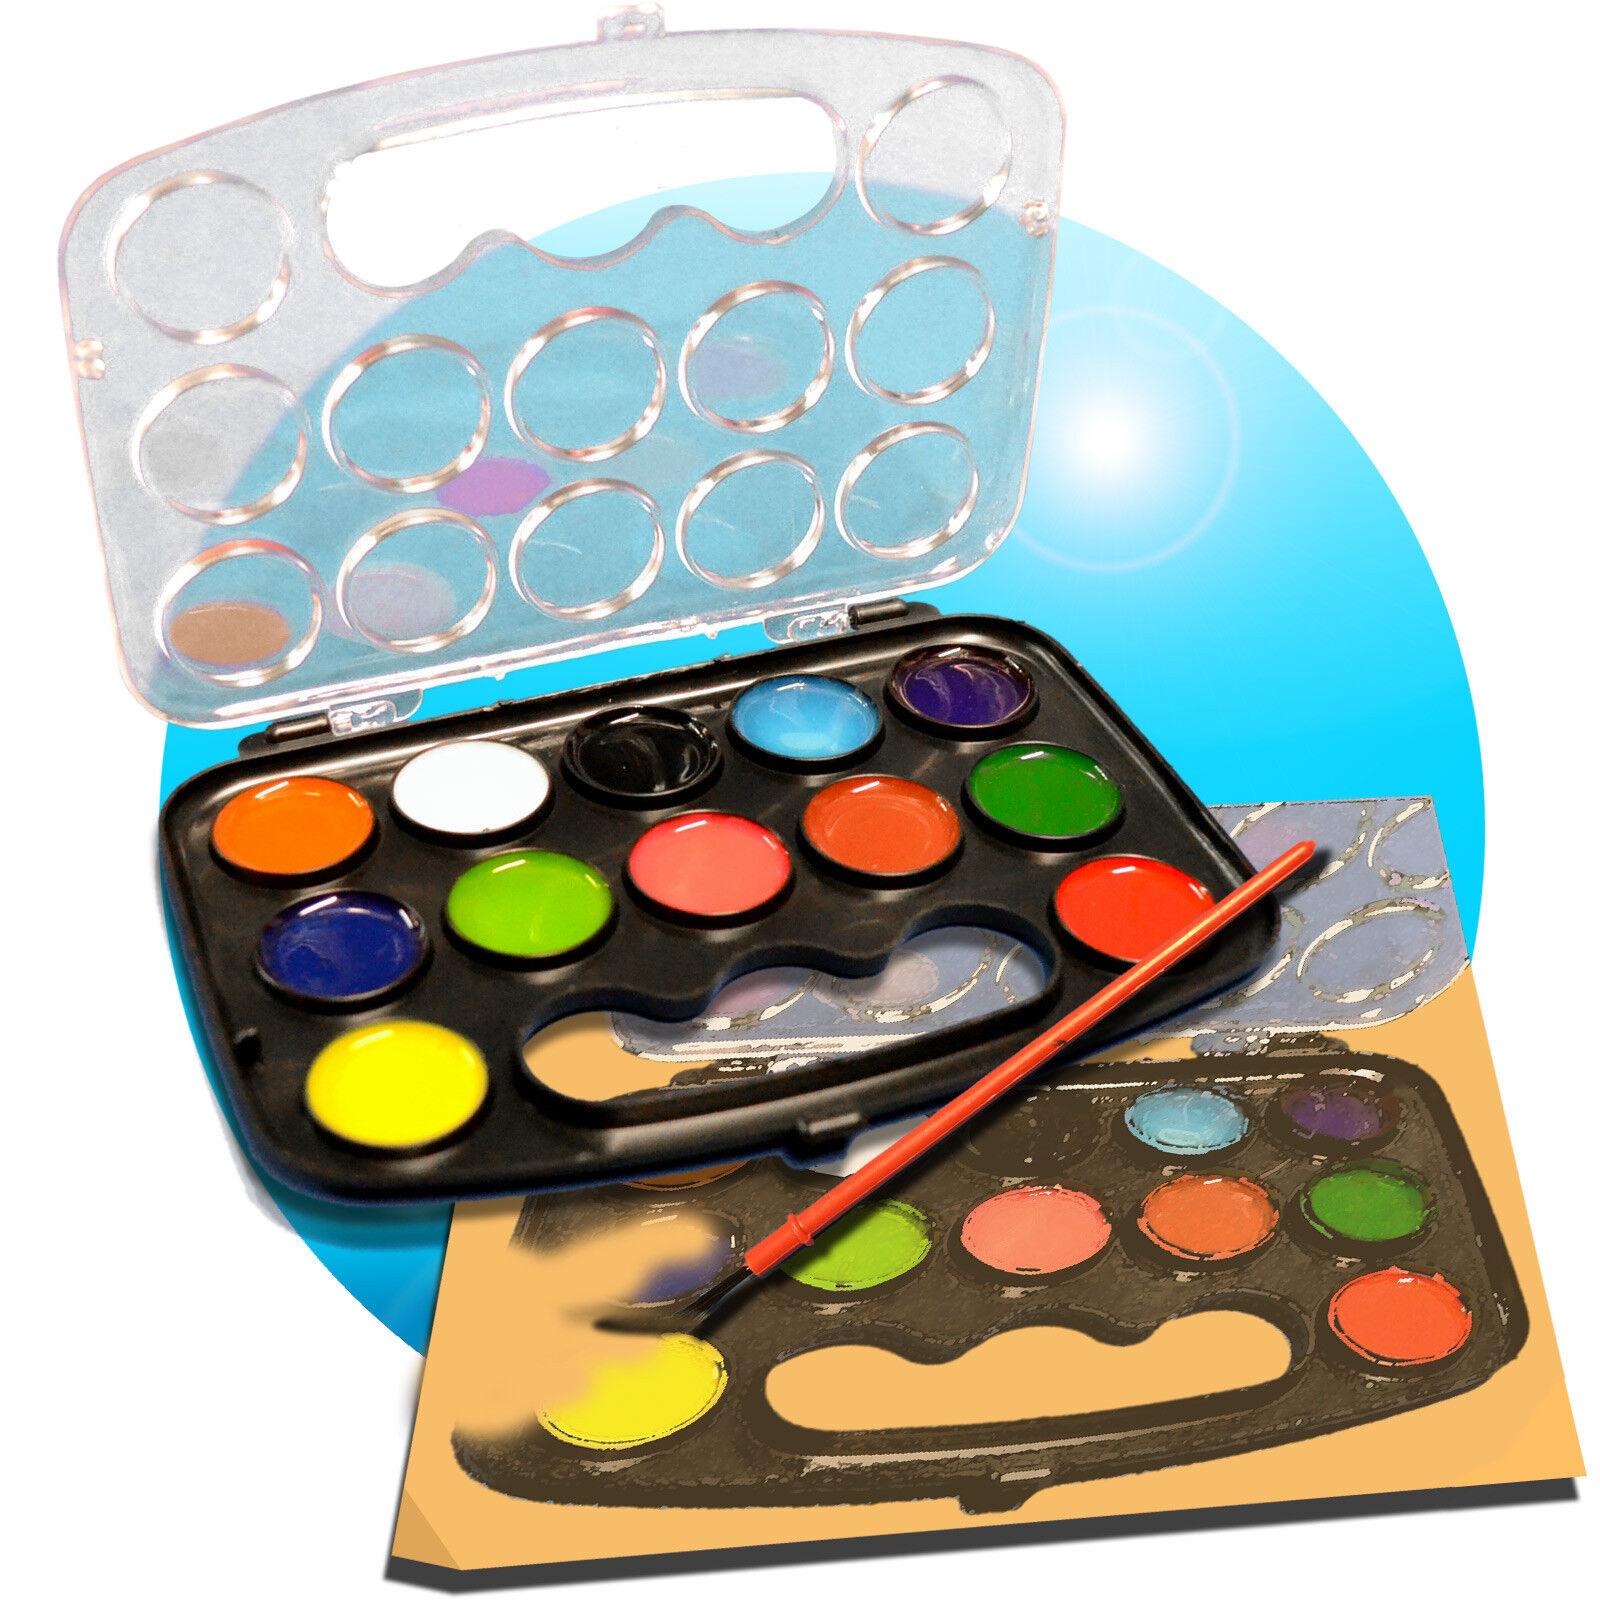 13tlg. Wasserfarbenset Malset Wasserfarben + Pinsel Tuschkasten Deckfarbkasten